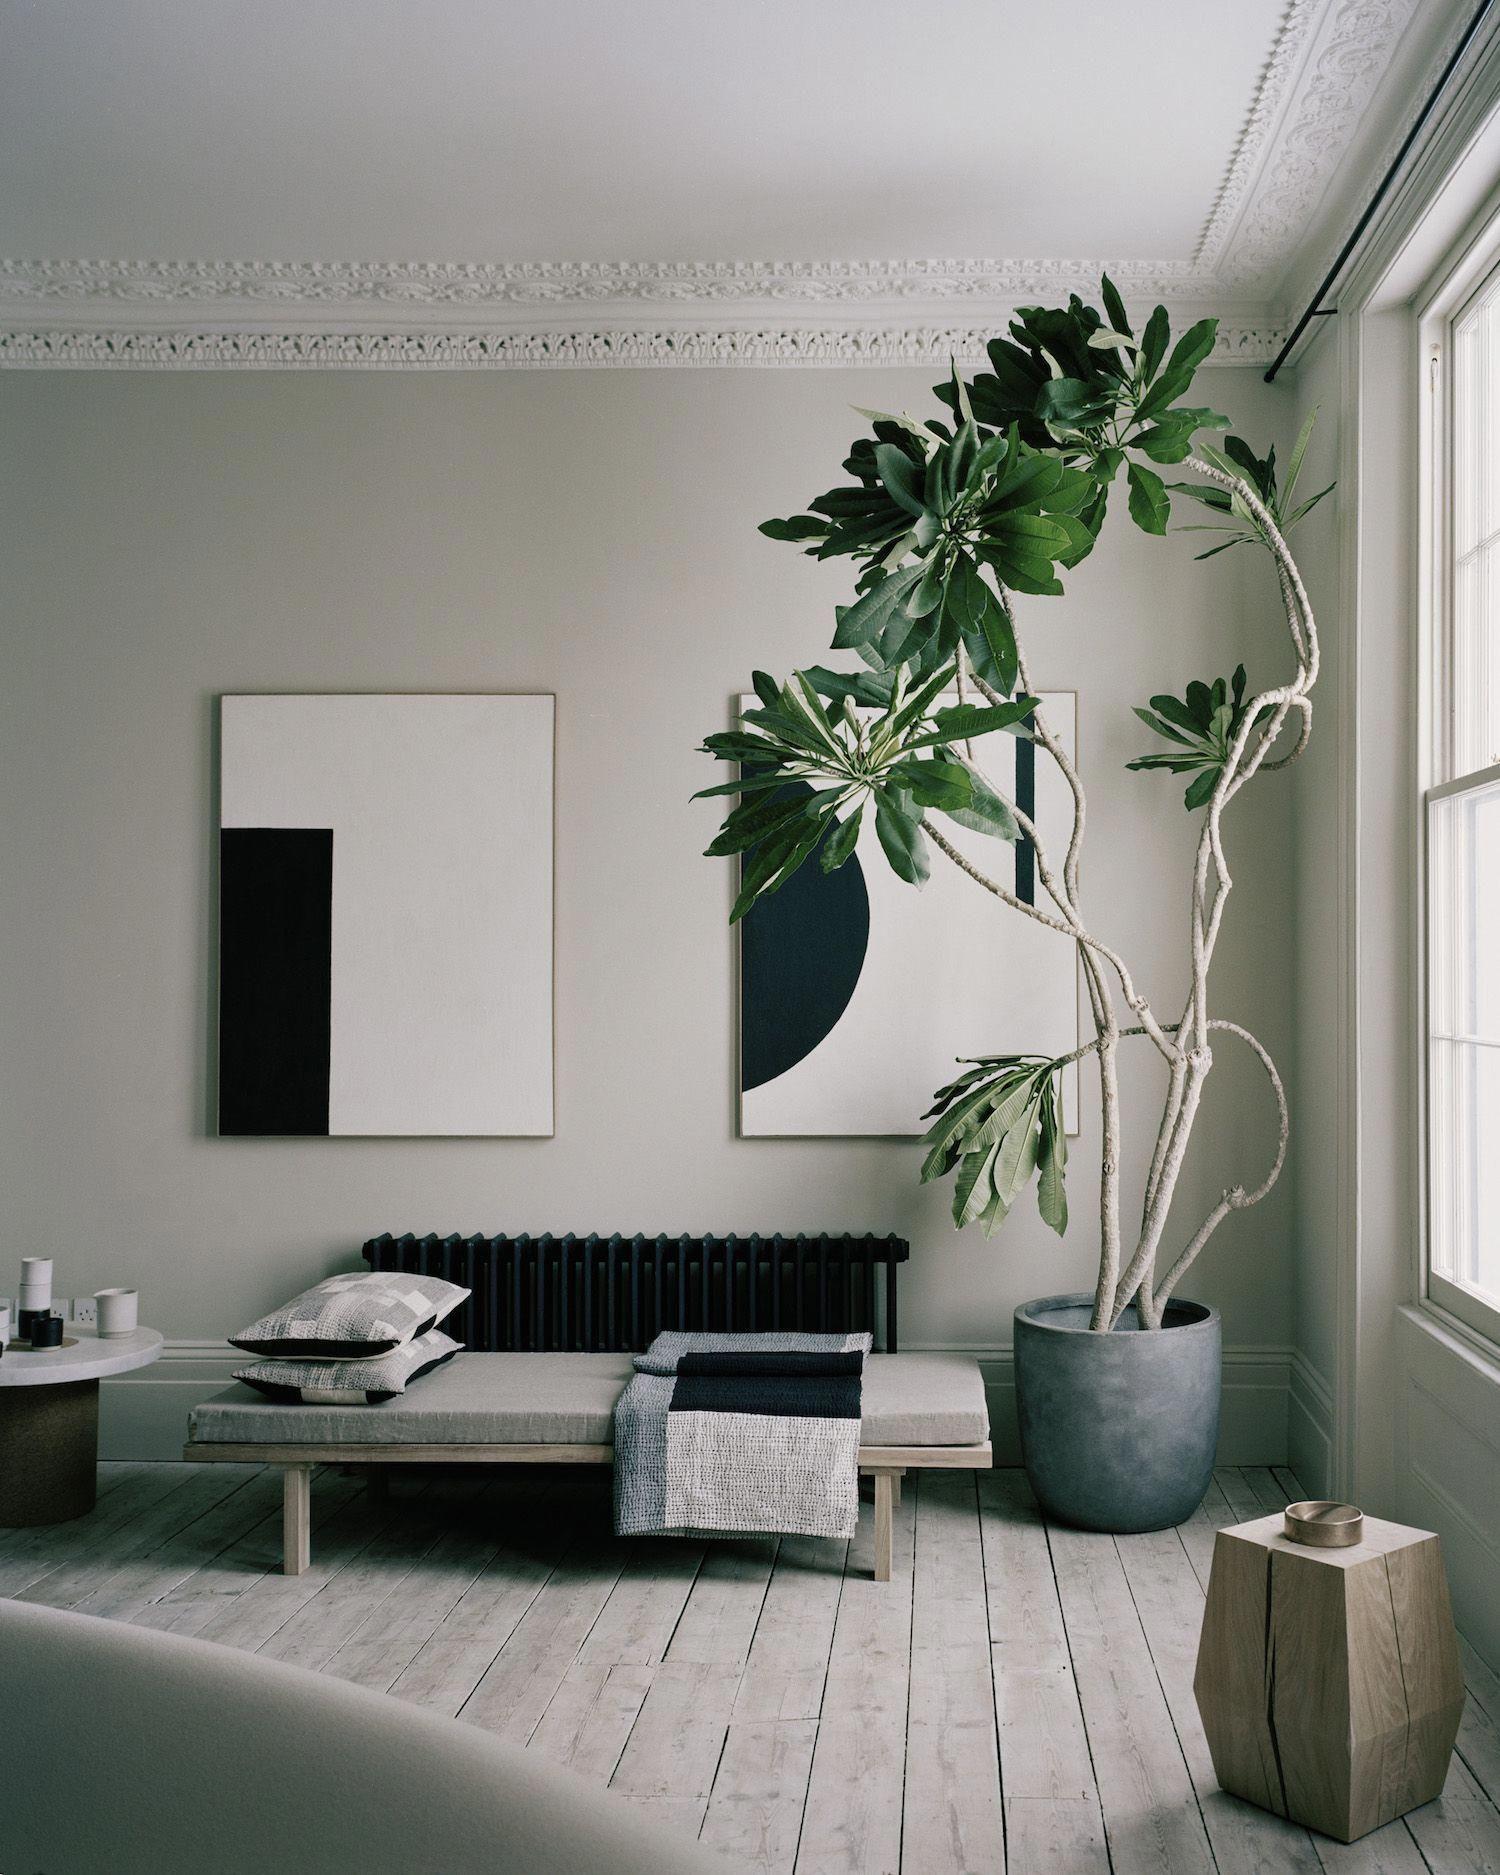 11 Minimalist Style And Decor Ideas Minimalist Living Room Design Minimalism Interior Minimalist Living Room Minimalist home living room design